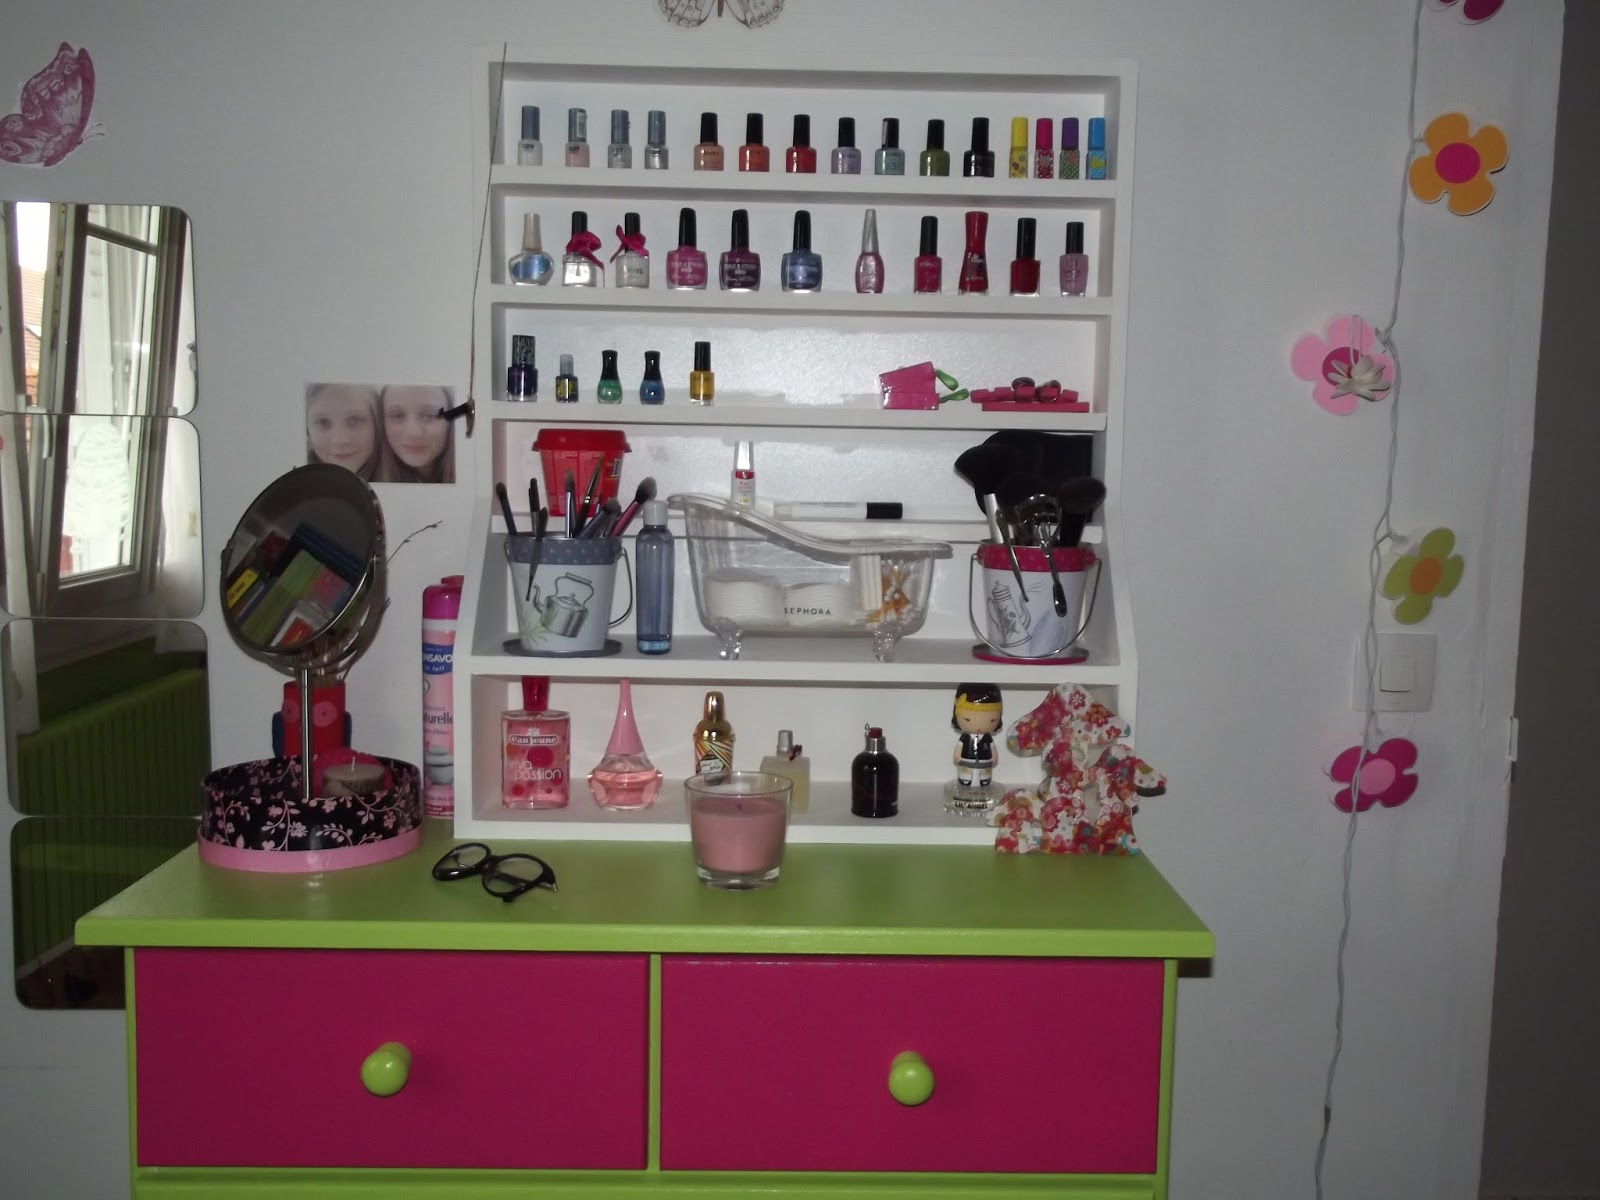 le blog de chic et choc mon rangement maquillage soins vernis. Black Bedroom Furniture Sets. Home Design Ideas